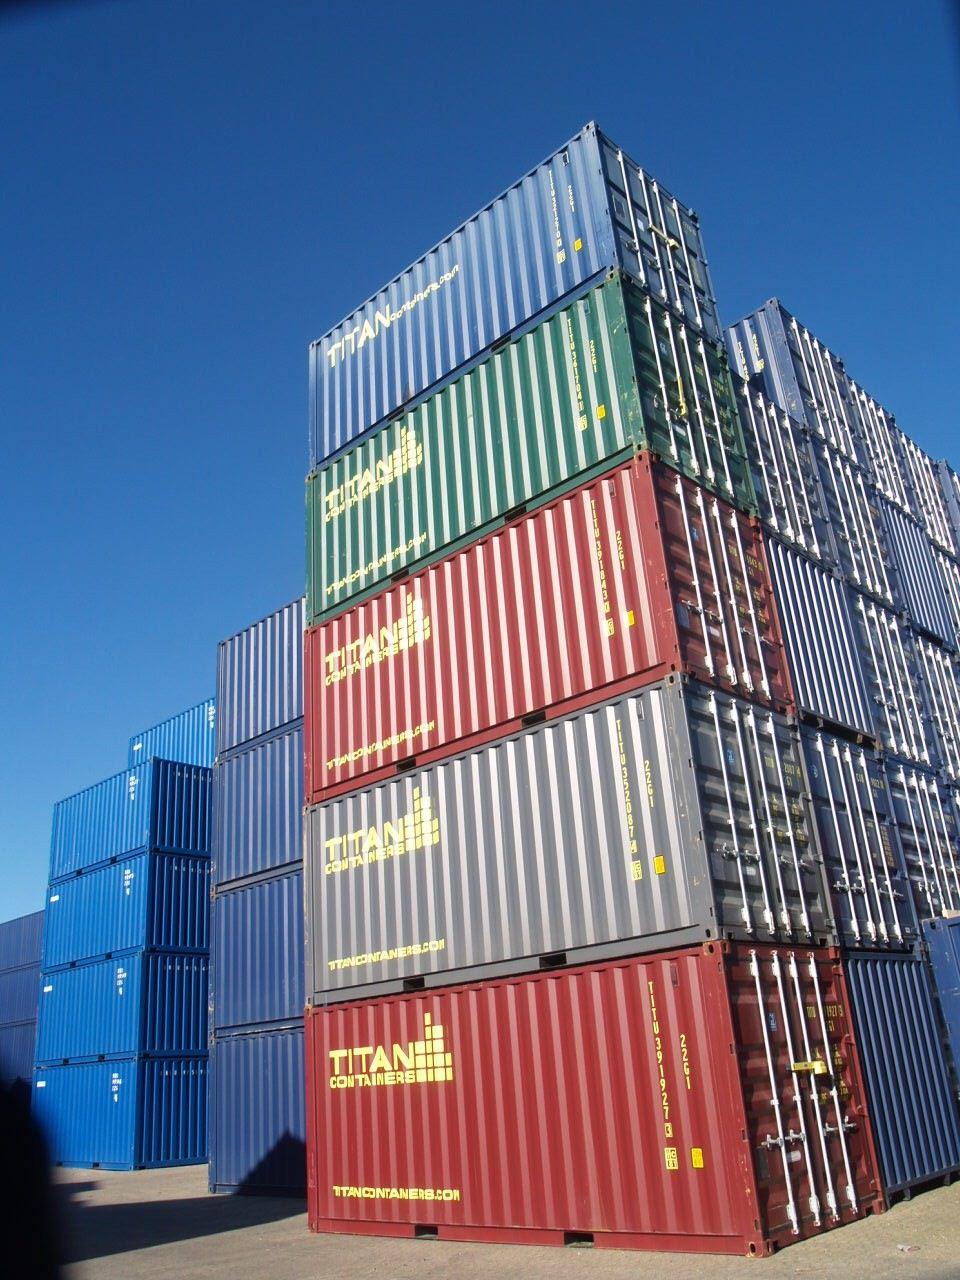 Location de containers conteneurs frigorifiques for Acheter des containers maritimes